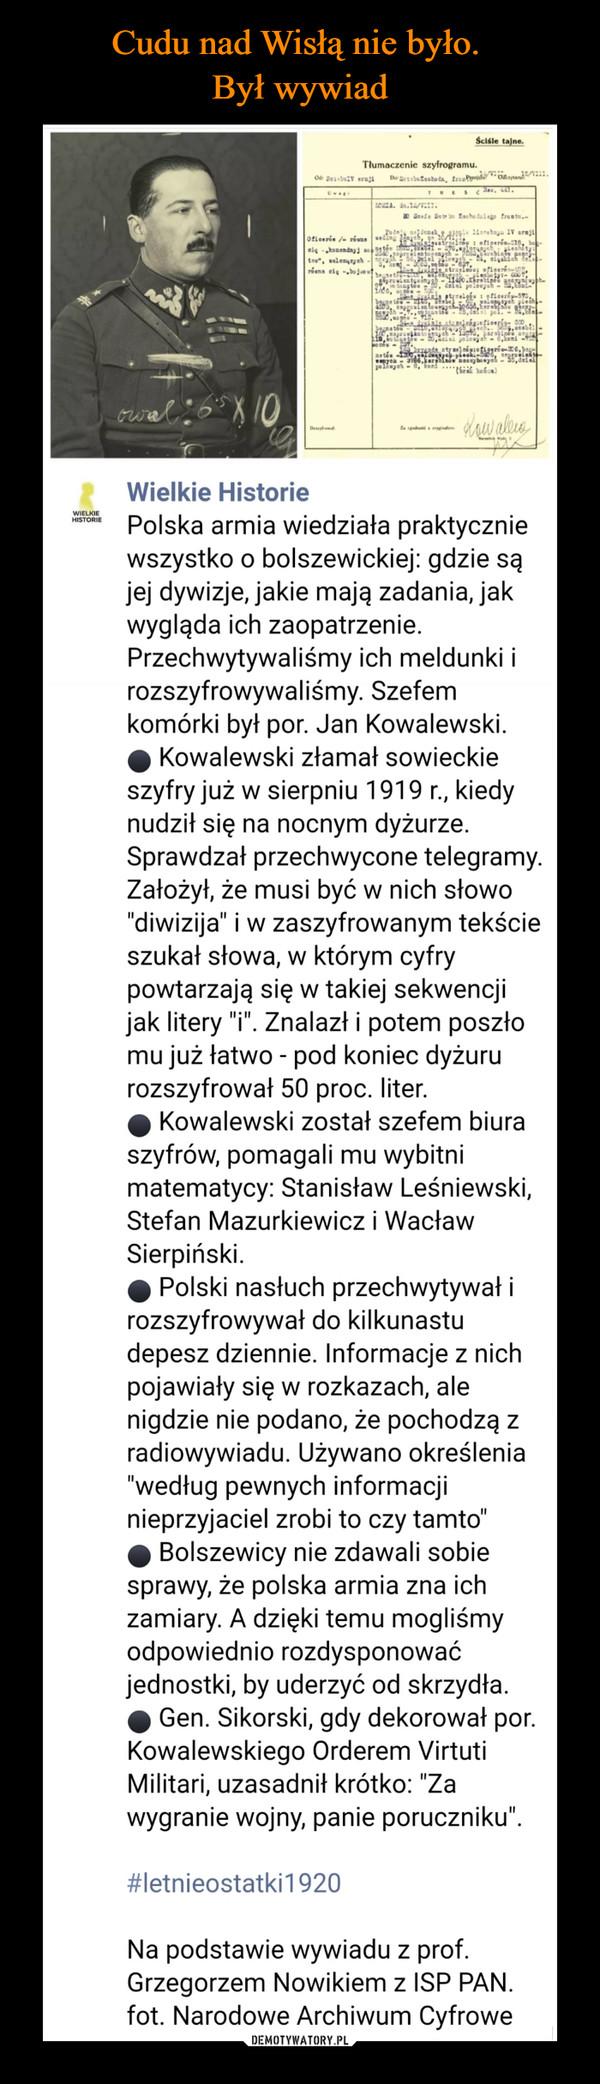 """–  Wielkie Historie4 dni · Polska armia wiedziała praktycznie wszystko o bolszewickiej: gdzie są jej dywizje, jakie mają zadania, jak wygląda ich zaopatrzenie. Przechwytywaliśmy ich meldunki i rozszyfrowywaliśmy. Szefem komórki był por. Jan Kowalewski.⚫ Kowalewski złamał sowieckie szyfry już w sierpniu 1919 r., kiedy nudził się na nocnym dyżurze. Sprawdzał przechwycone telegramy. Założył, że musi być w nich słowo """"diwizija"""" i w zaszyfrowanym tekście szukał słowa, w którym cyfry powtarzają się w takiej sekwencji jak litery """"i"""". Znalazł i potem poszło mu już łatwo - pod koniec dyżuru rozszyfrował 50 proc. liter.⚫ Kowalewski został szefem biura szyfrów, pomagali mu wybitni matematycy: Stanisław Leśniewski, Stefan Mazurkiewicz i Wacław Sierpiński.⚫ Polski nasłuch przechwytywał i rozszyfrowywał do kilkunastu depesz dziennie. Informacje z nich pojawiały się w rozkazach, ale nigdzie nie podano, że pochodzą z radiowywiadu. Używano określenia """"według pewnych informacji nieprzyjaciel zrobi to czy tamto""""⚫ Bolszewicy nie zdawali sobie sprawy, że polska armia zna ich zamiary. A dzięki temu mogliśmy odpowiednio rozdysponować jednostki, by uderzyć od skrzydła.⚫ Gen. Sikorski, gdy dekorował por. Kowalewskiego Orderem Virtuti Militari, uzasadnił krótko: """"Za wygranie wojny, panie poruczniku"""".#letnieostatki1920Na podstawie wywiadu z prof. Grzegorzem Nowikiem z ISP PAN.fot. Narodowe Archiwum Cyfrowe"""